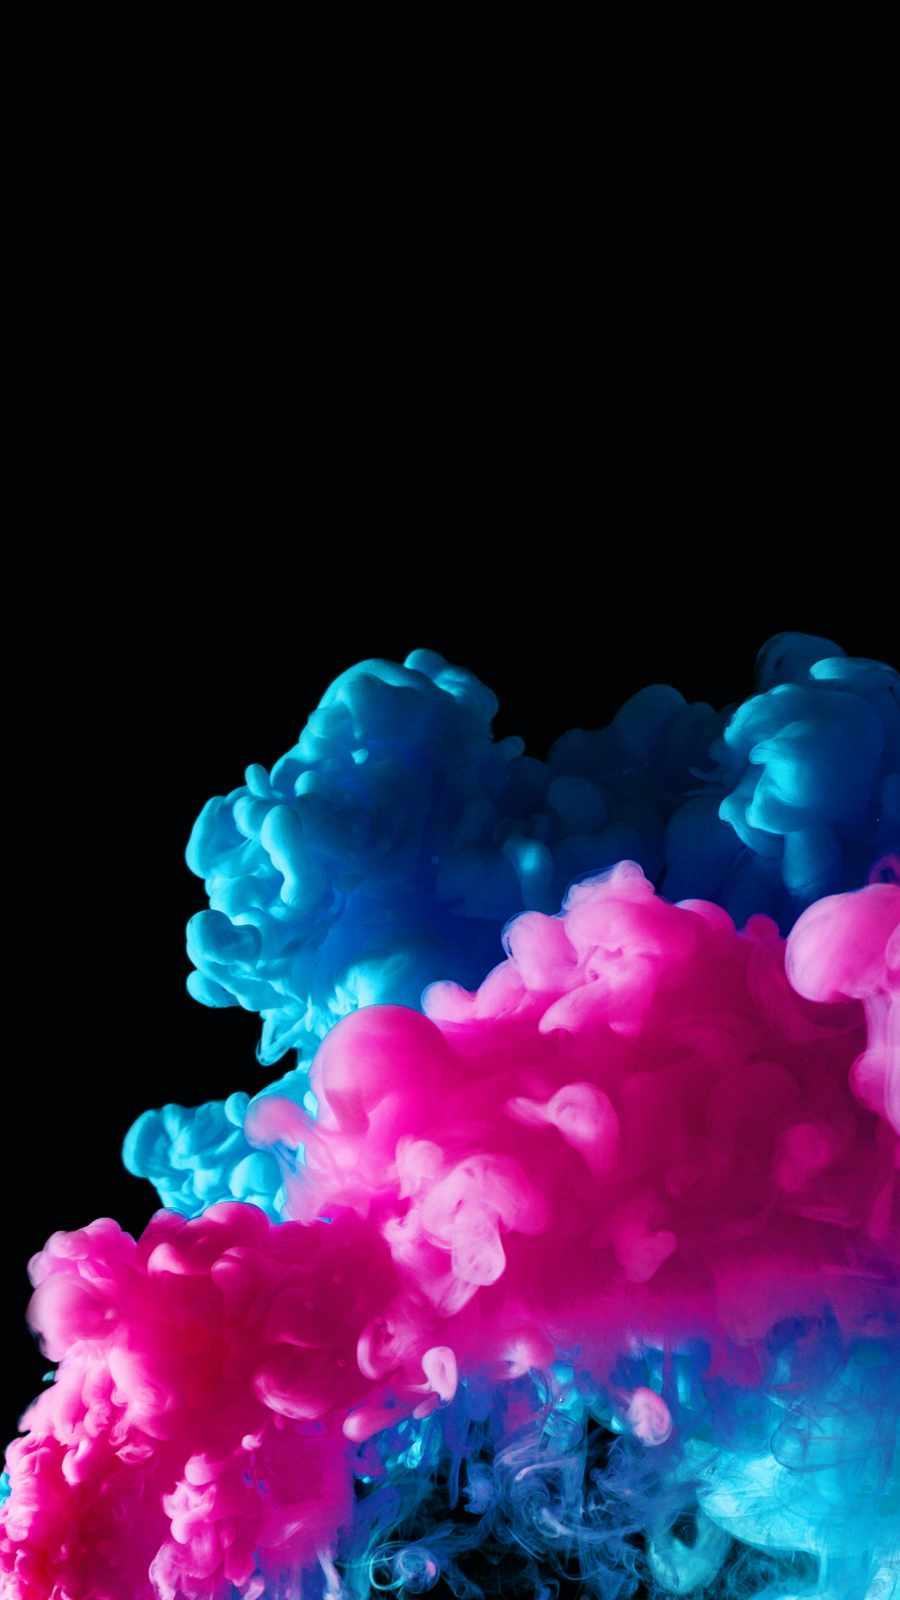 Color Smoke in Dark